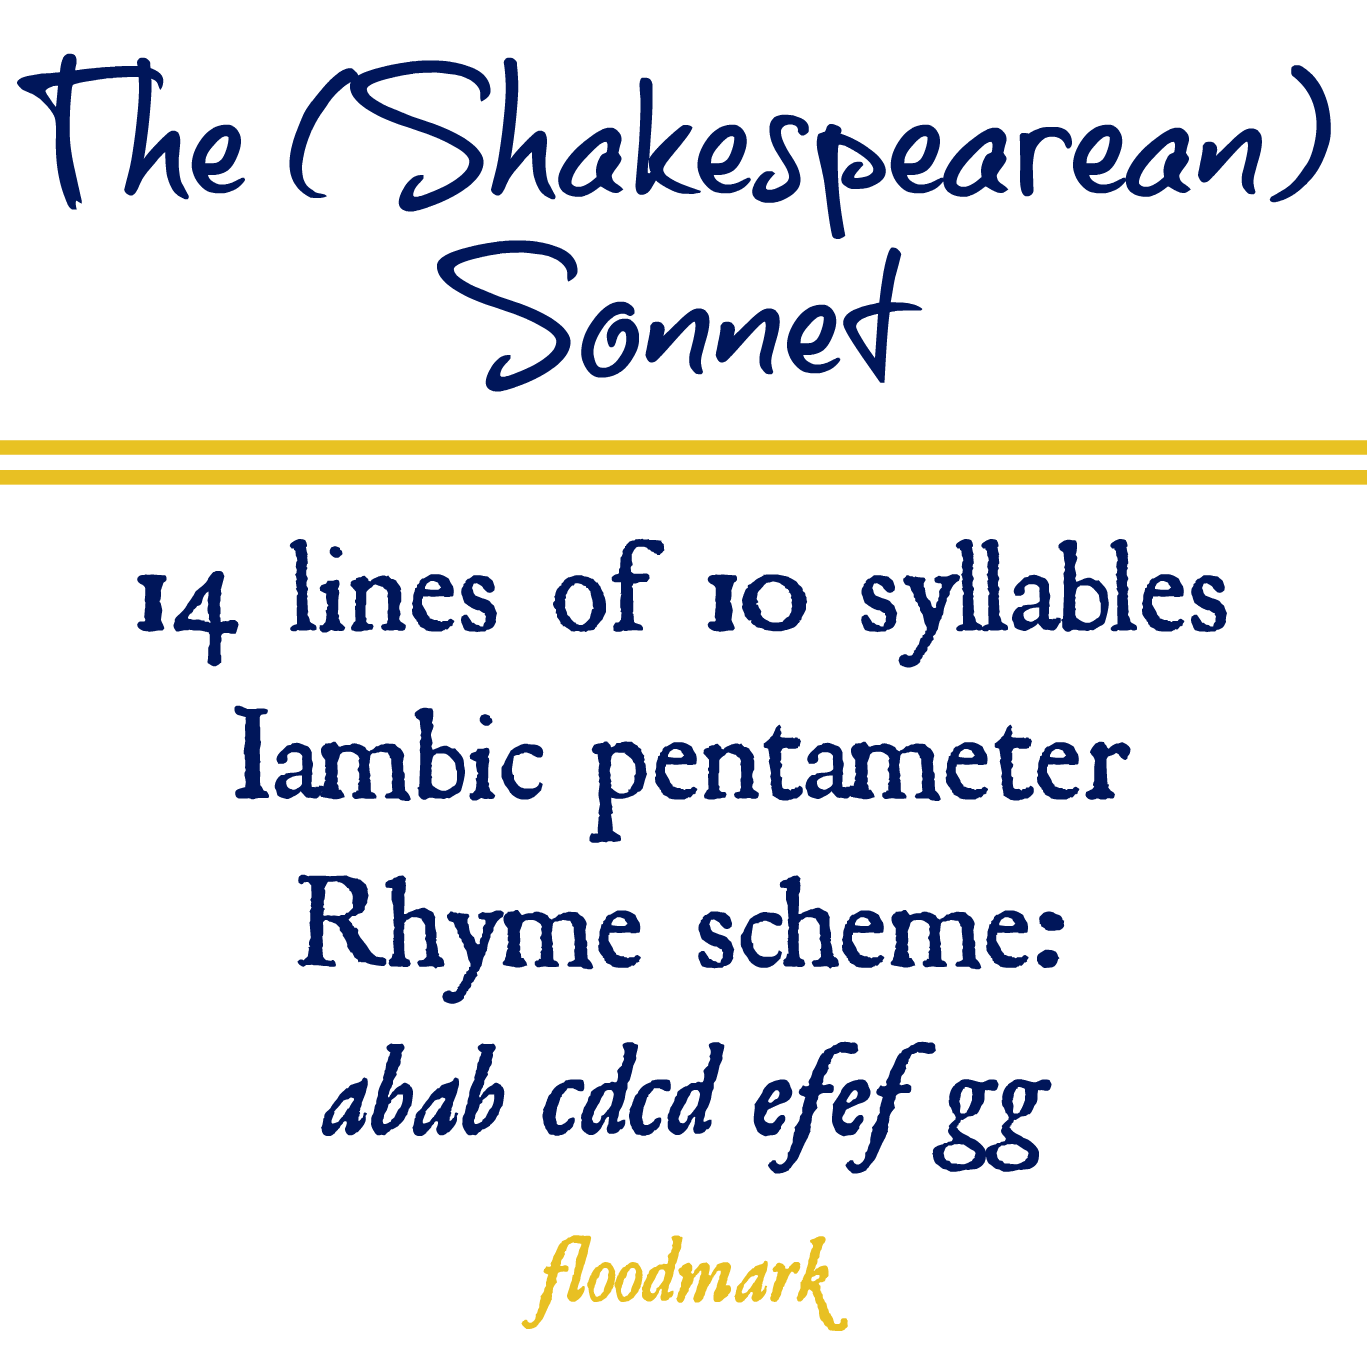 villanelle poem format